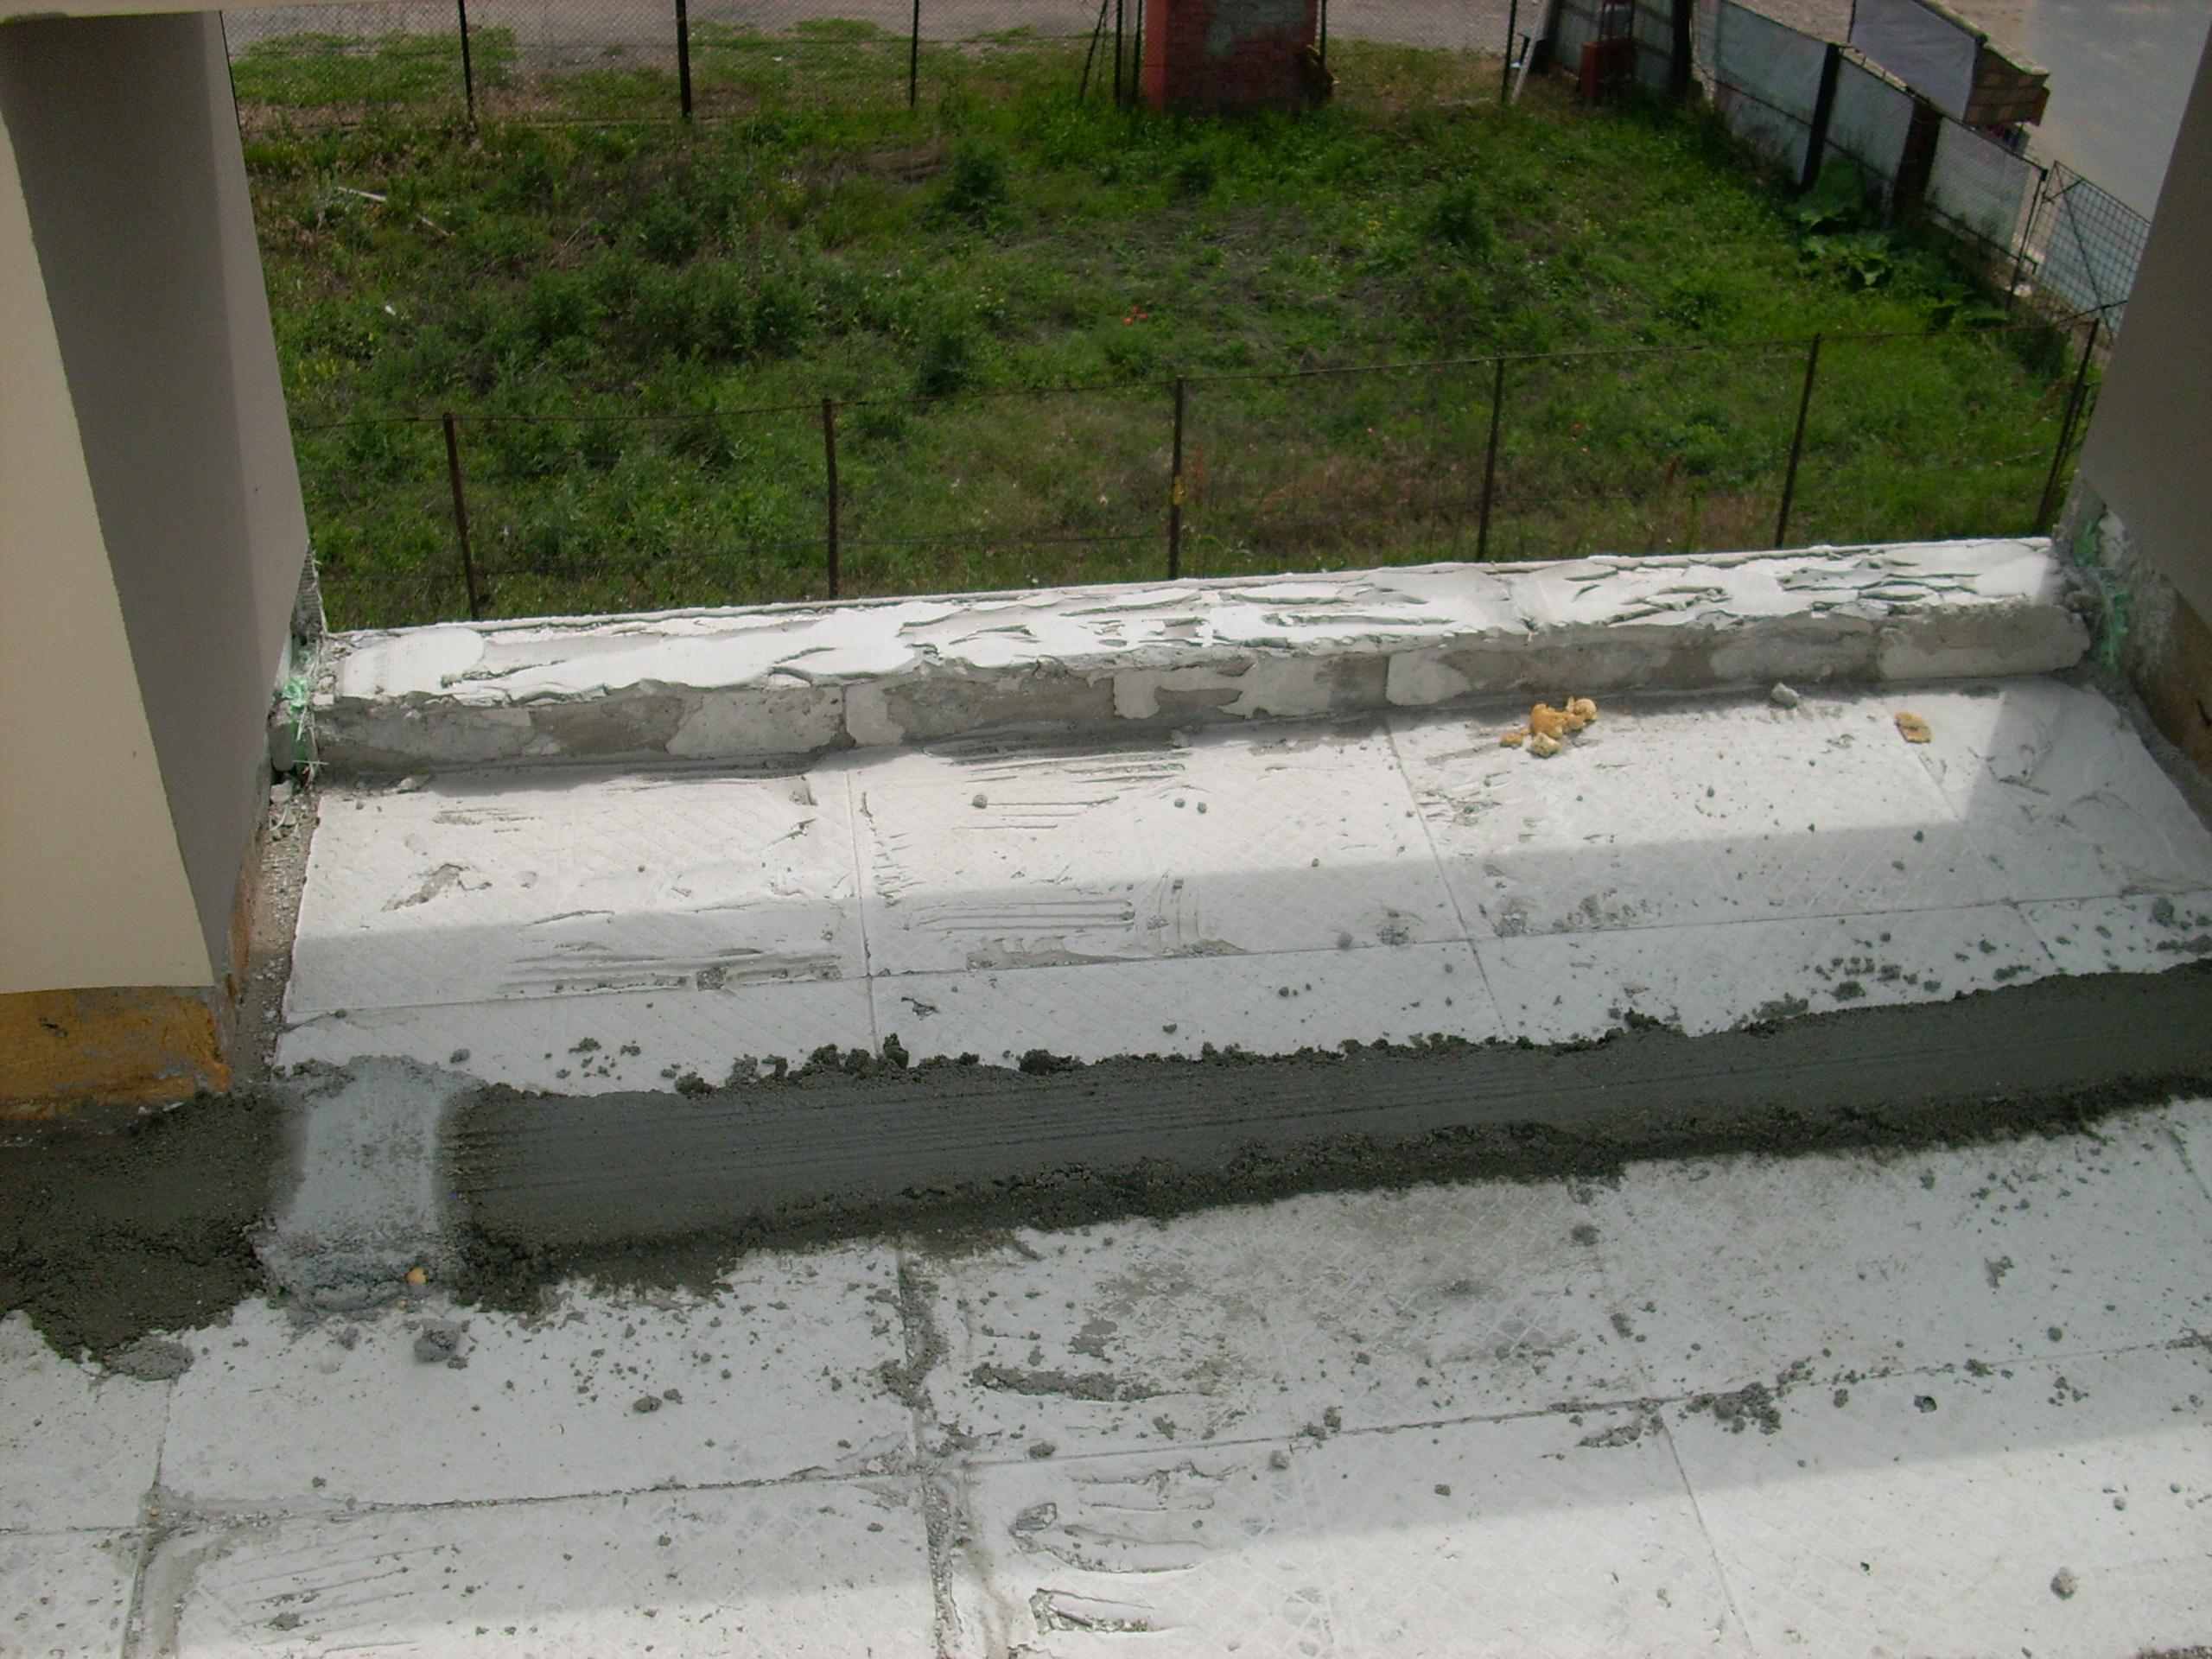 Aplicarea tratamentelor de impermeabilizare - Vila persoana privata - Pipera UNICO PROFIT - Poza 154